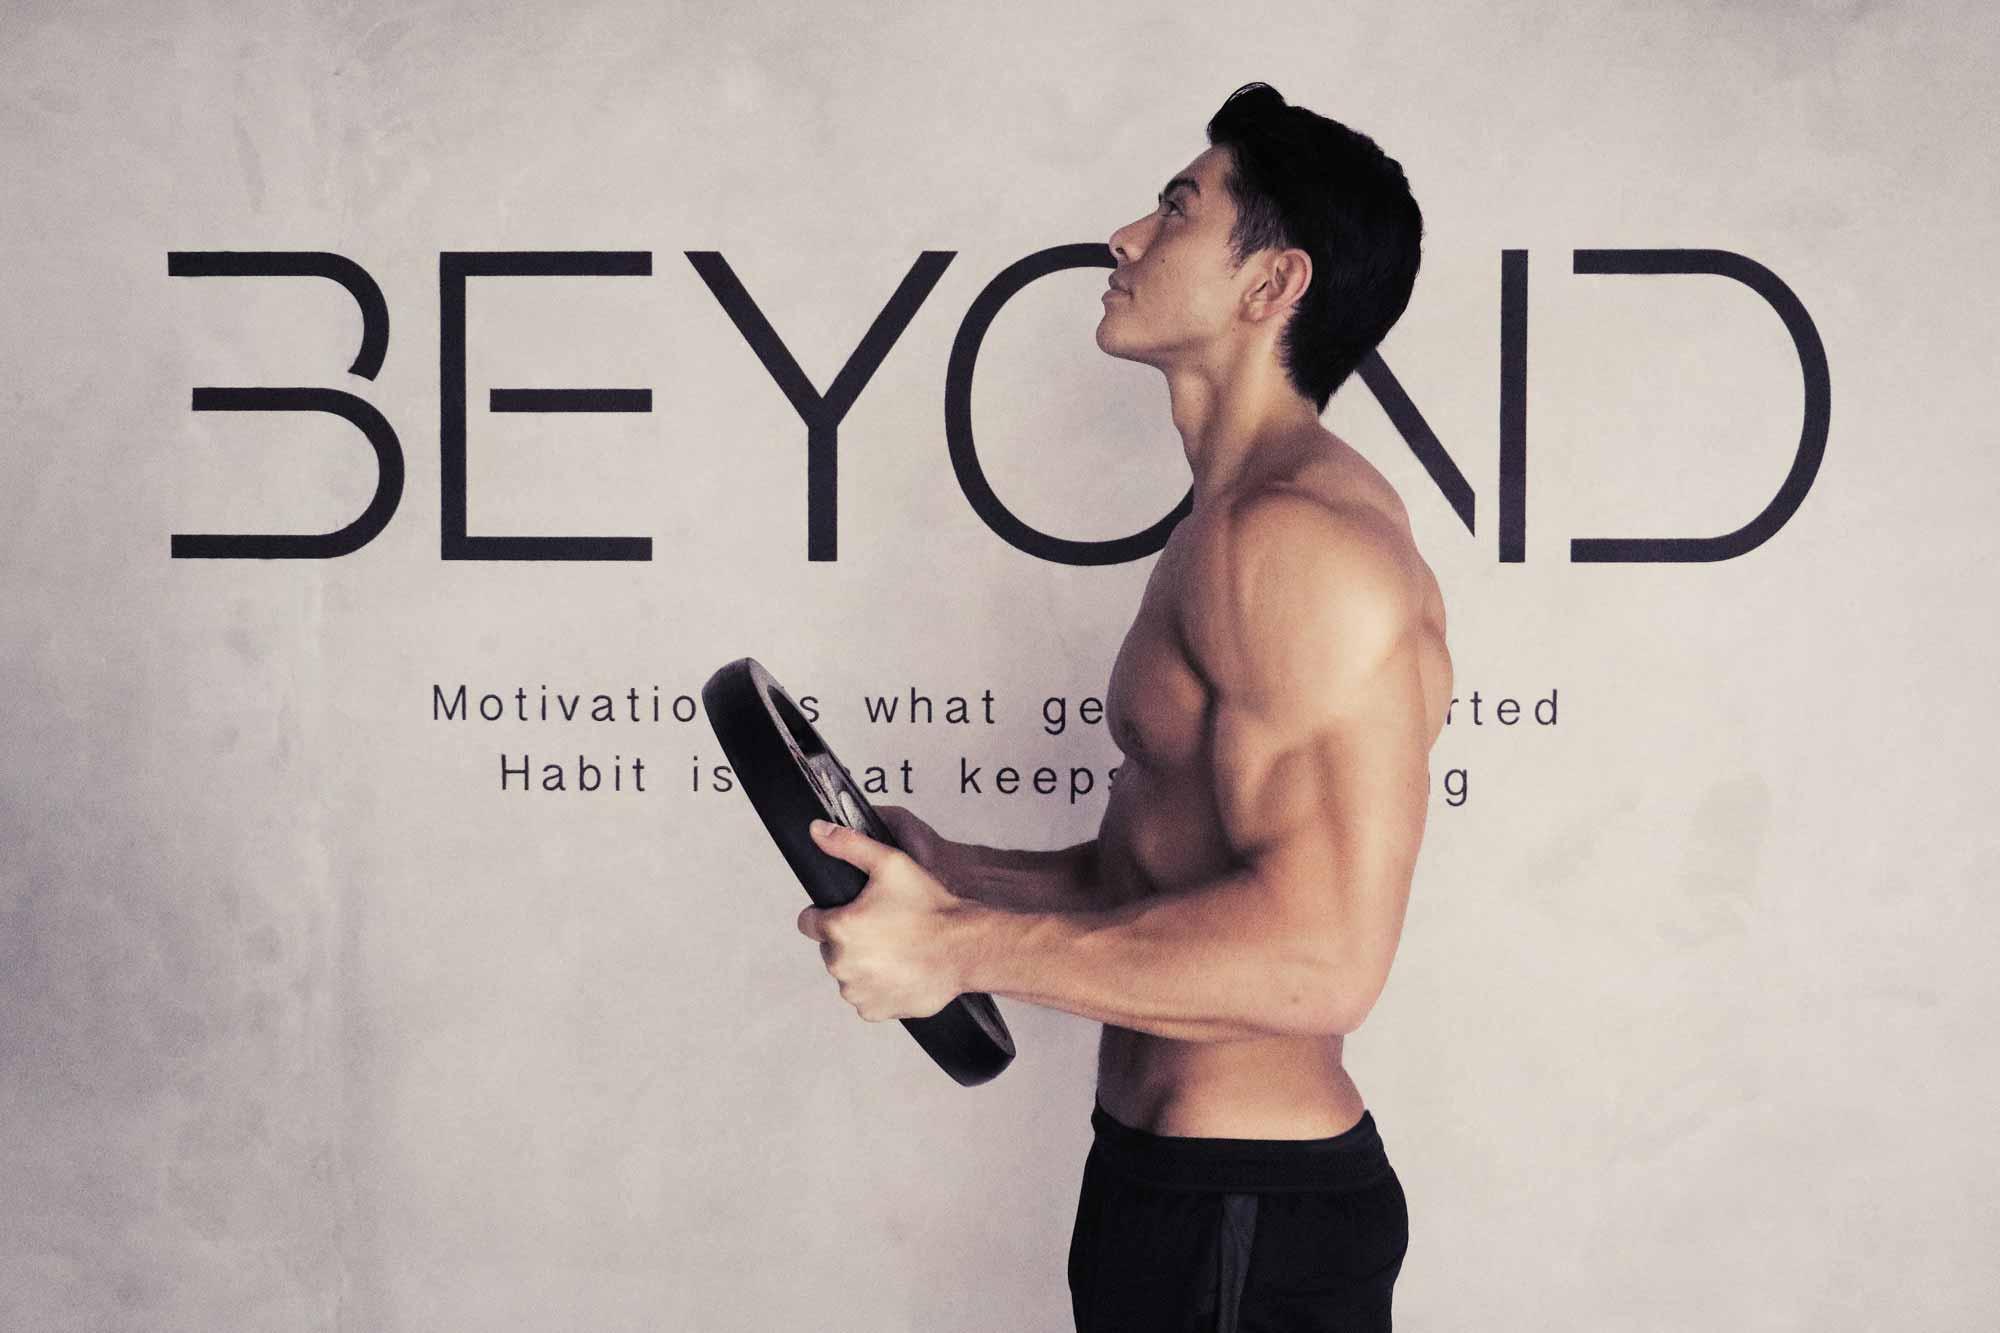 BEYOND エドワード トレーニング